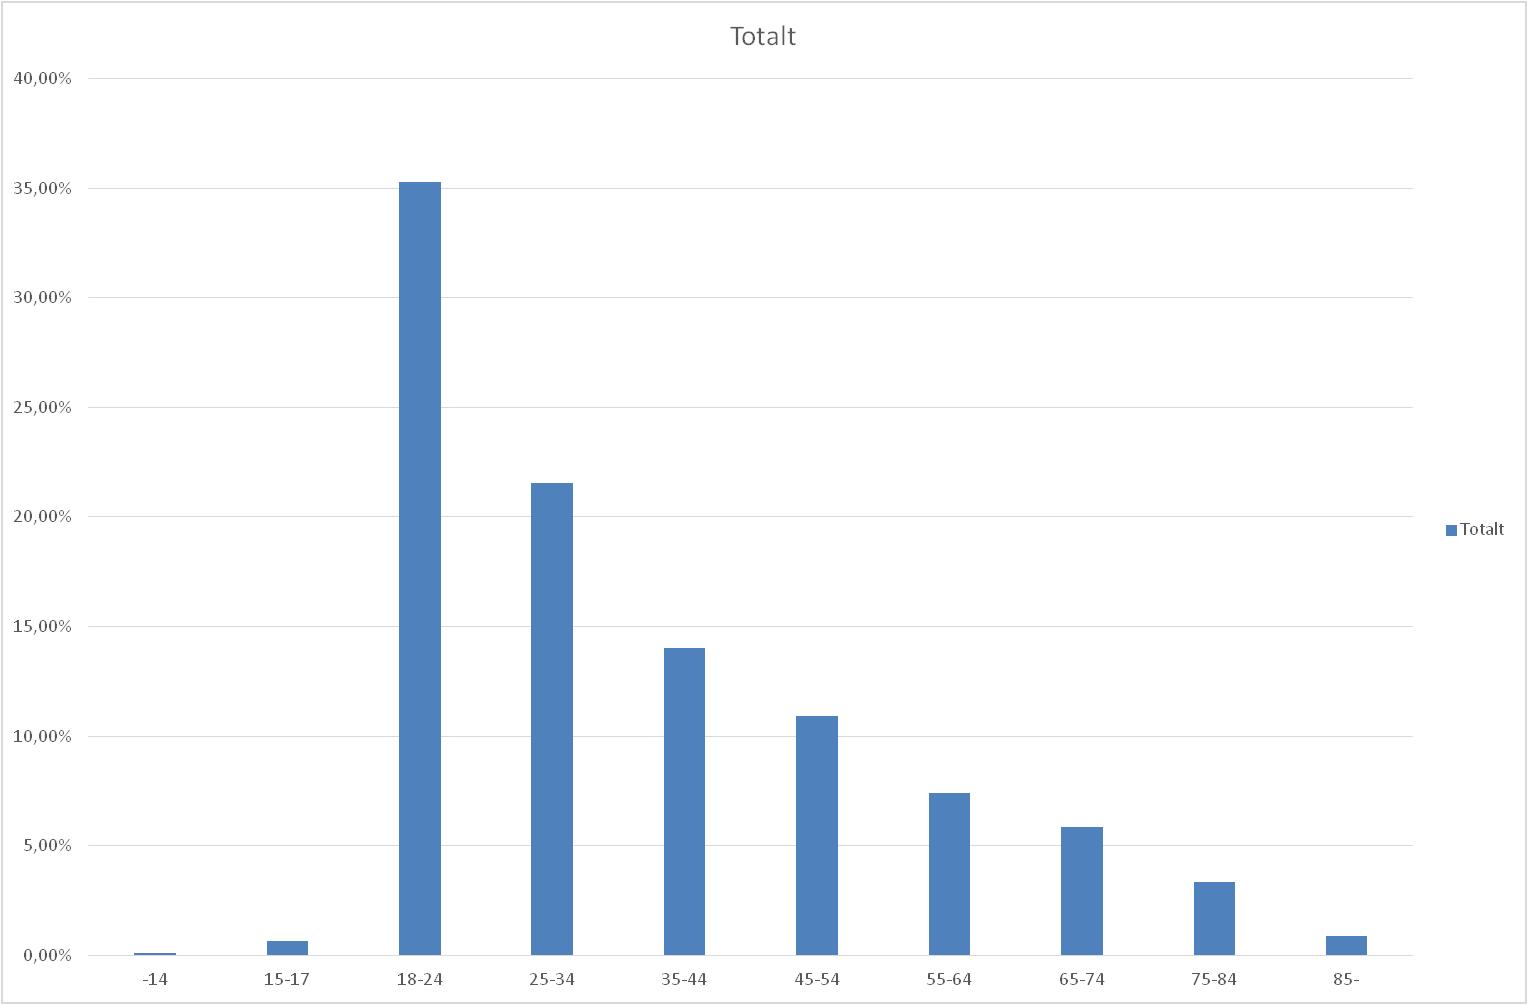 Singelolyckor 2012-2016 uppdelat på åldersgrupper.